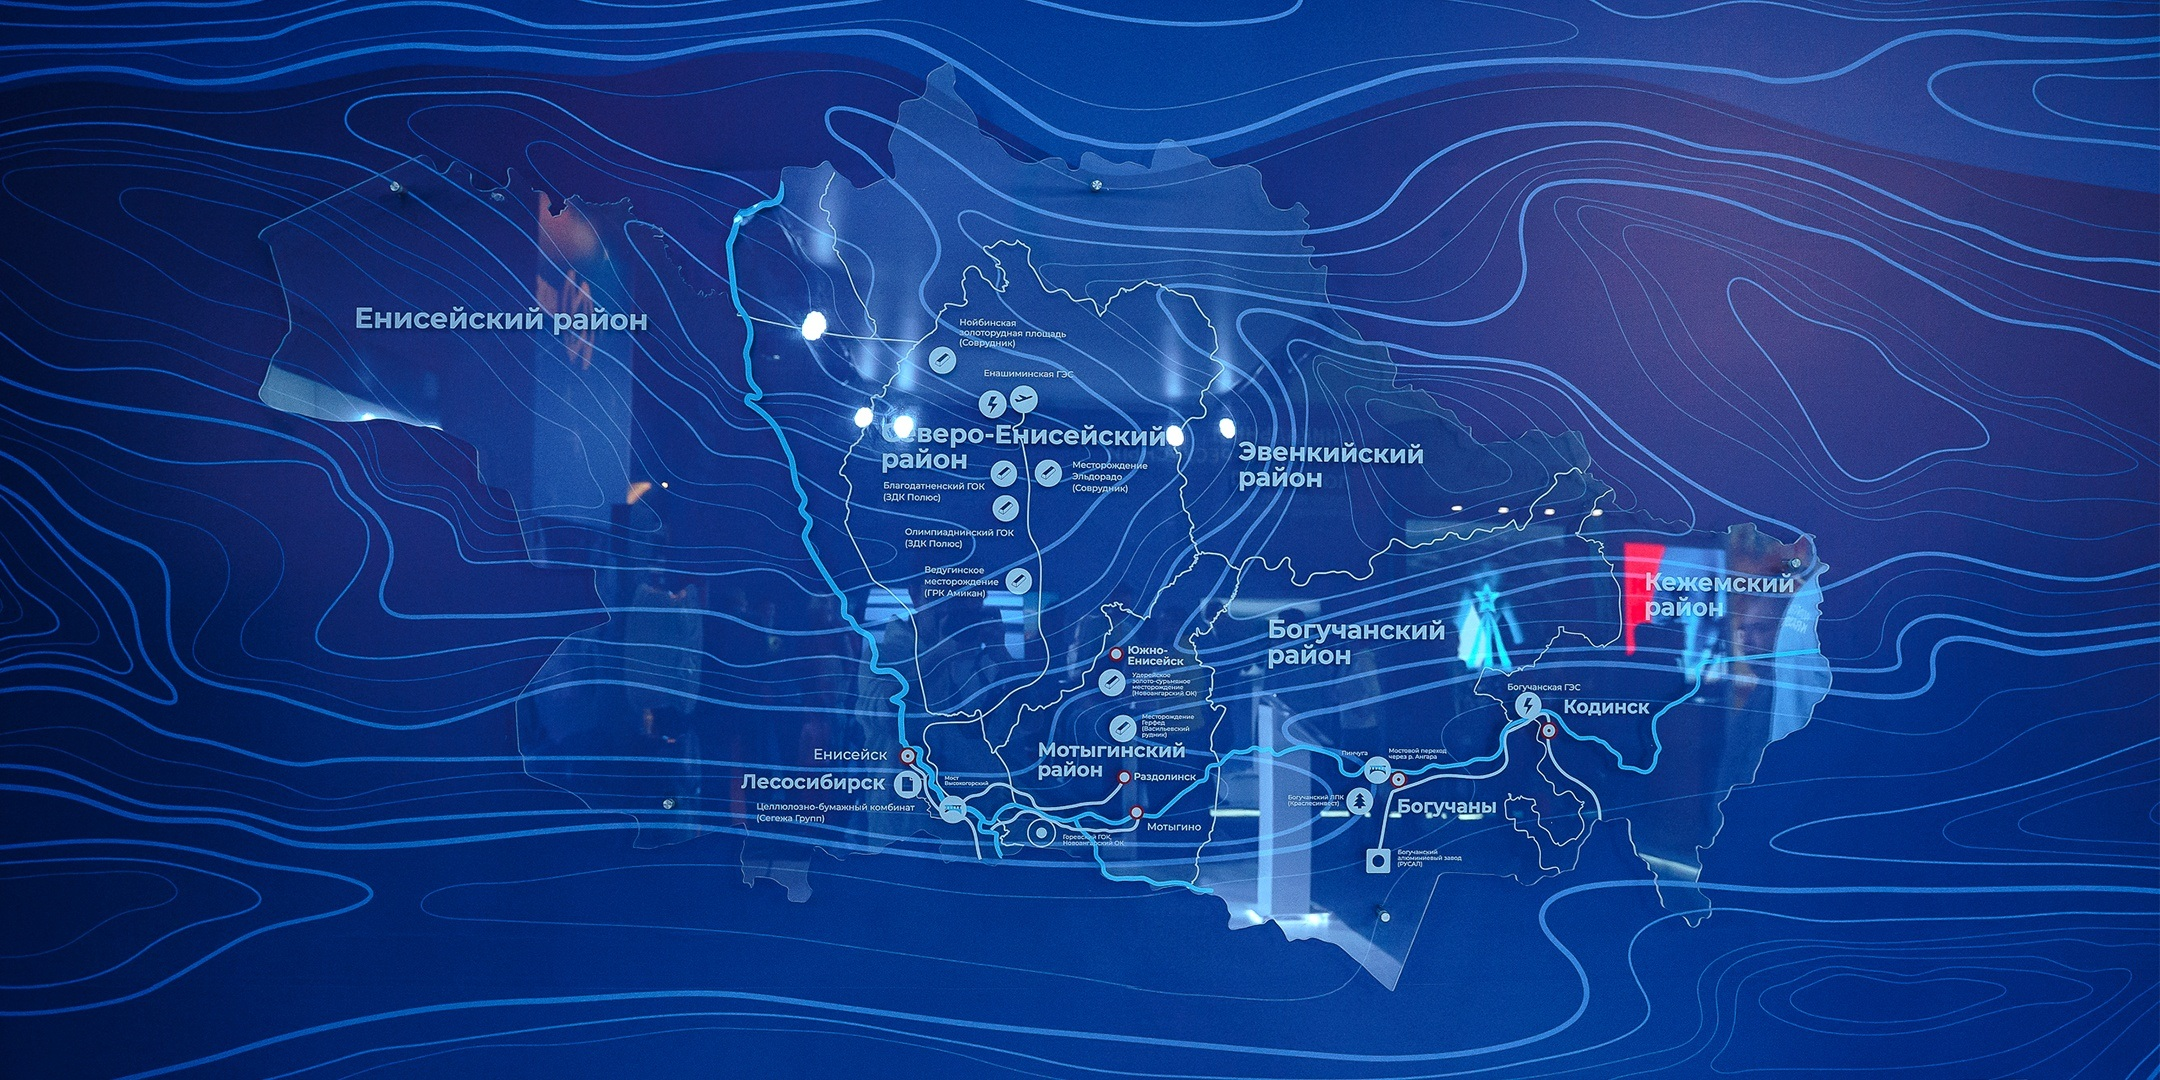 Карта на стенде Енисейская Сибирь